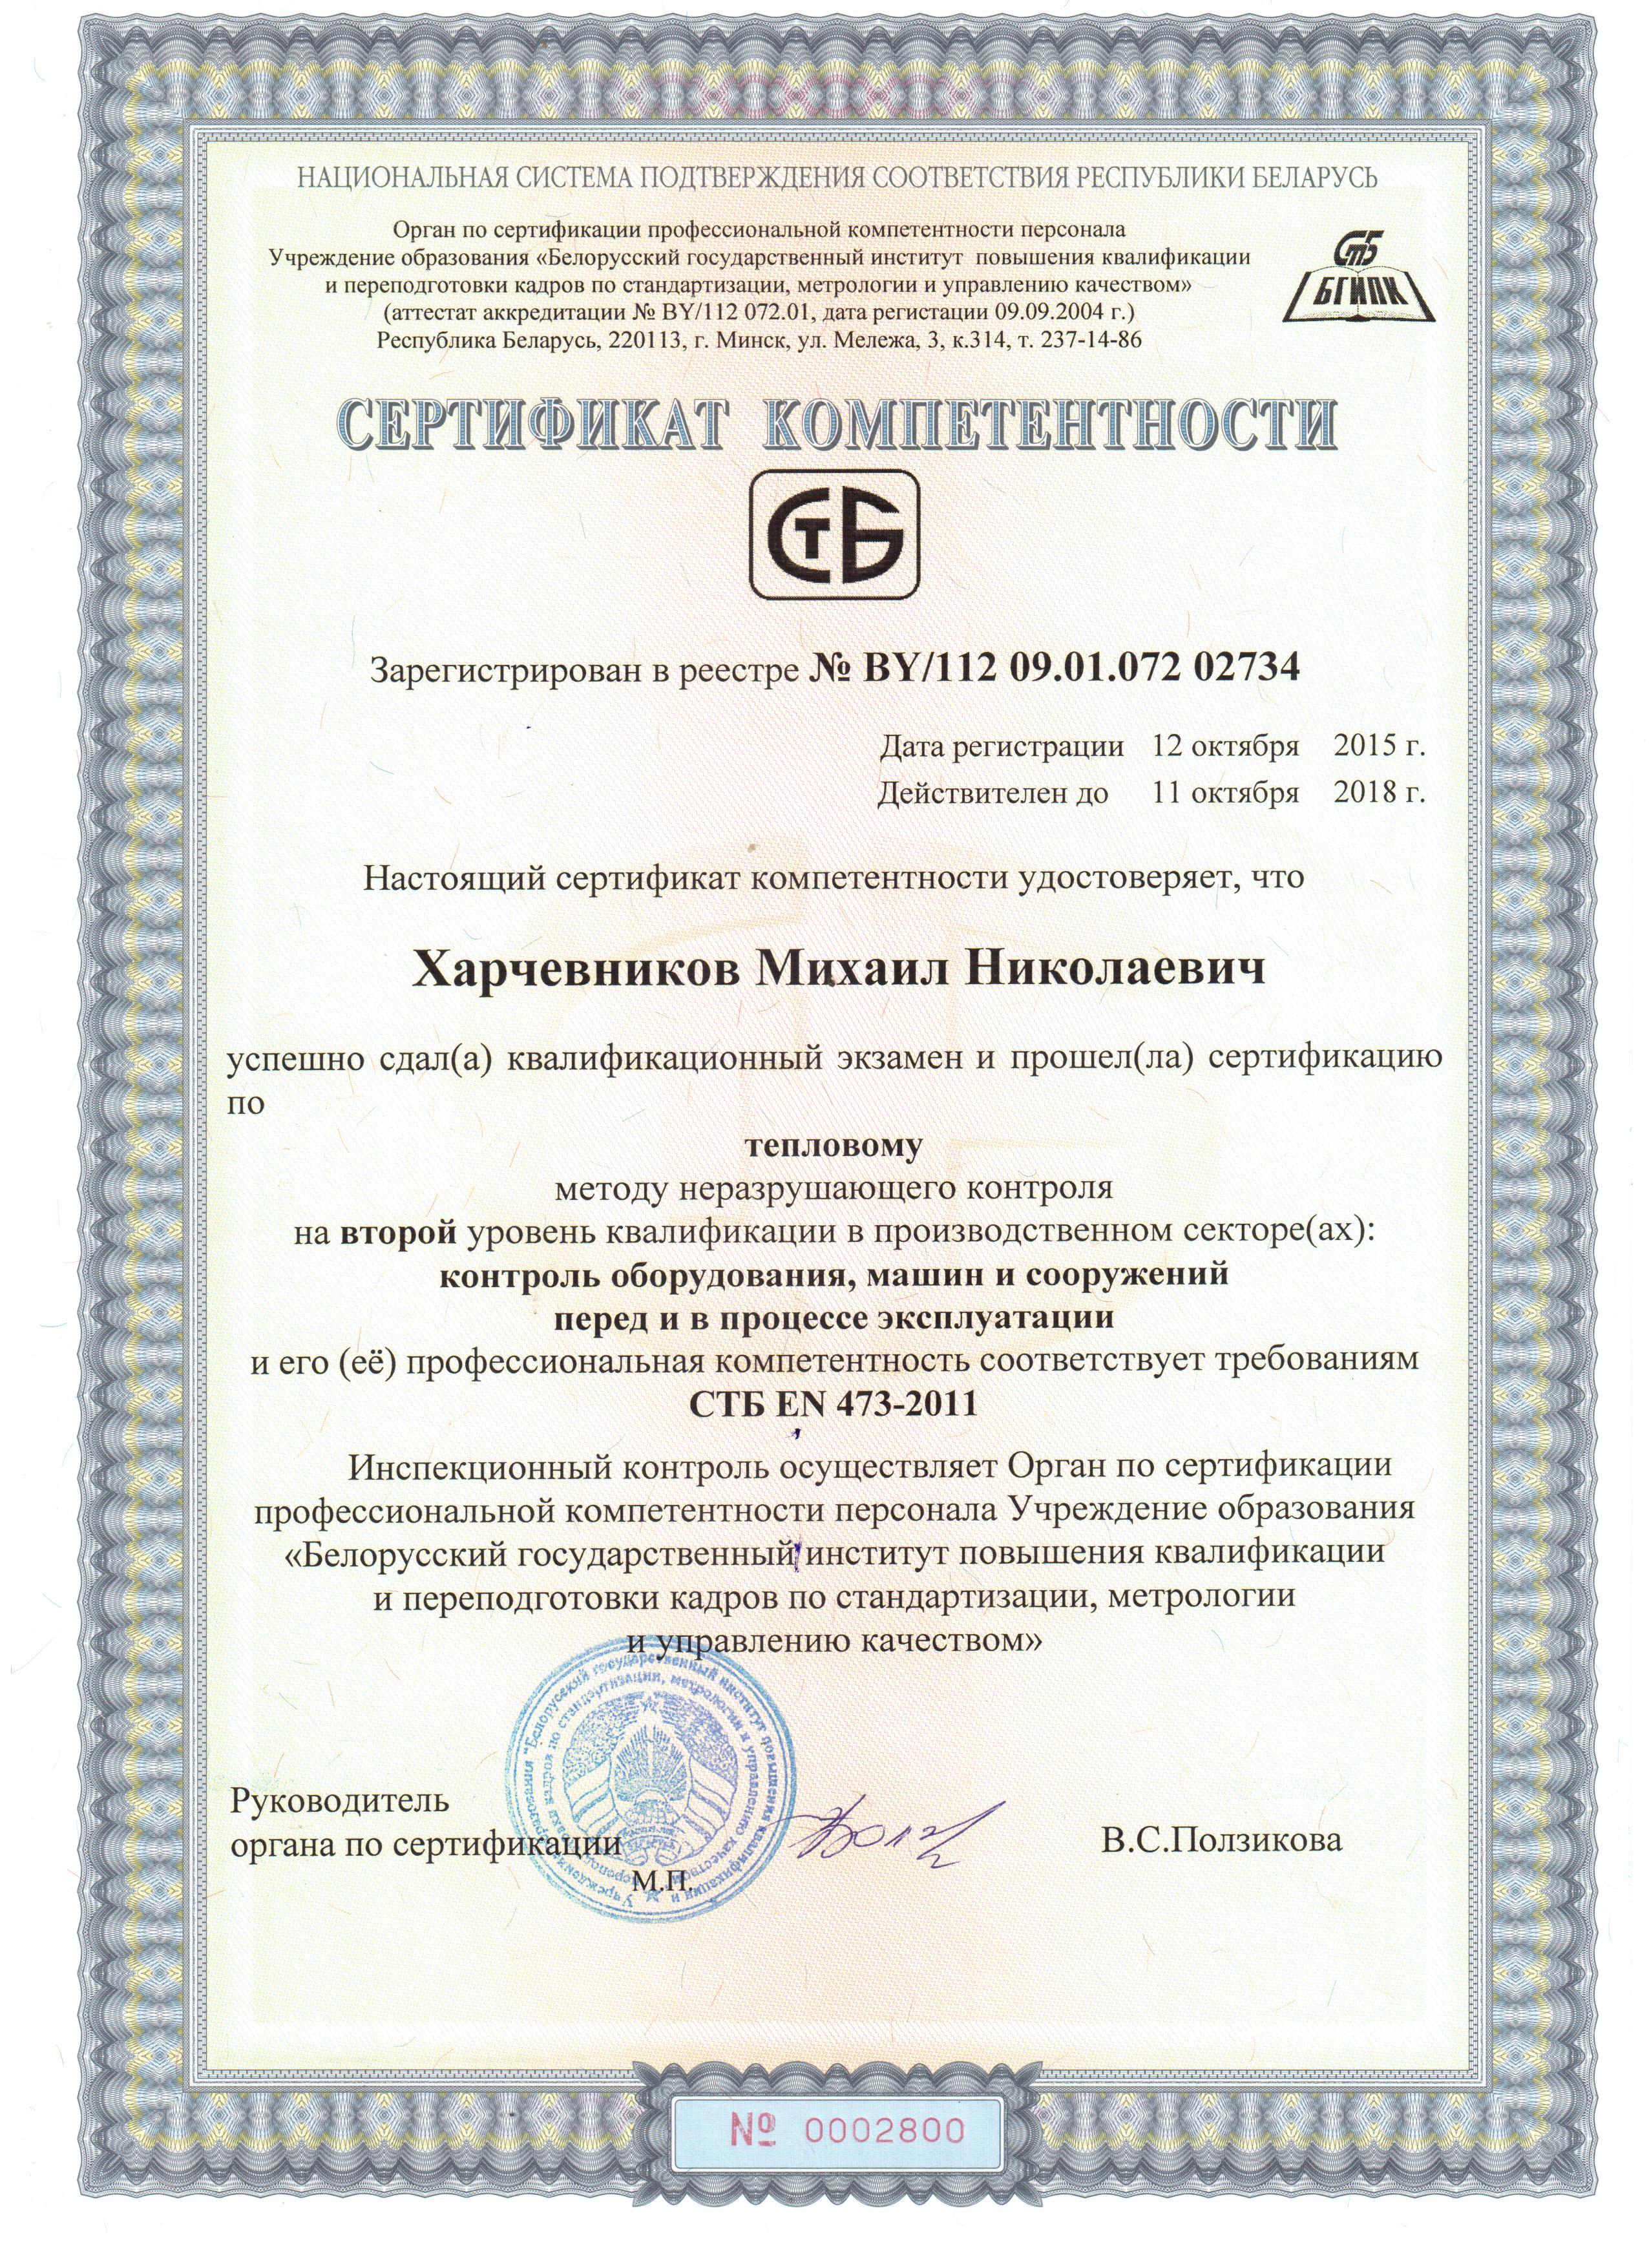 сертификат тепловизионная съёмка